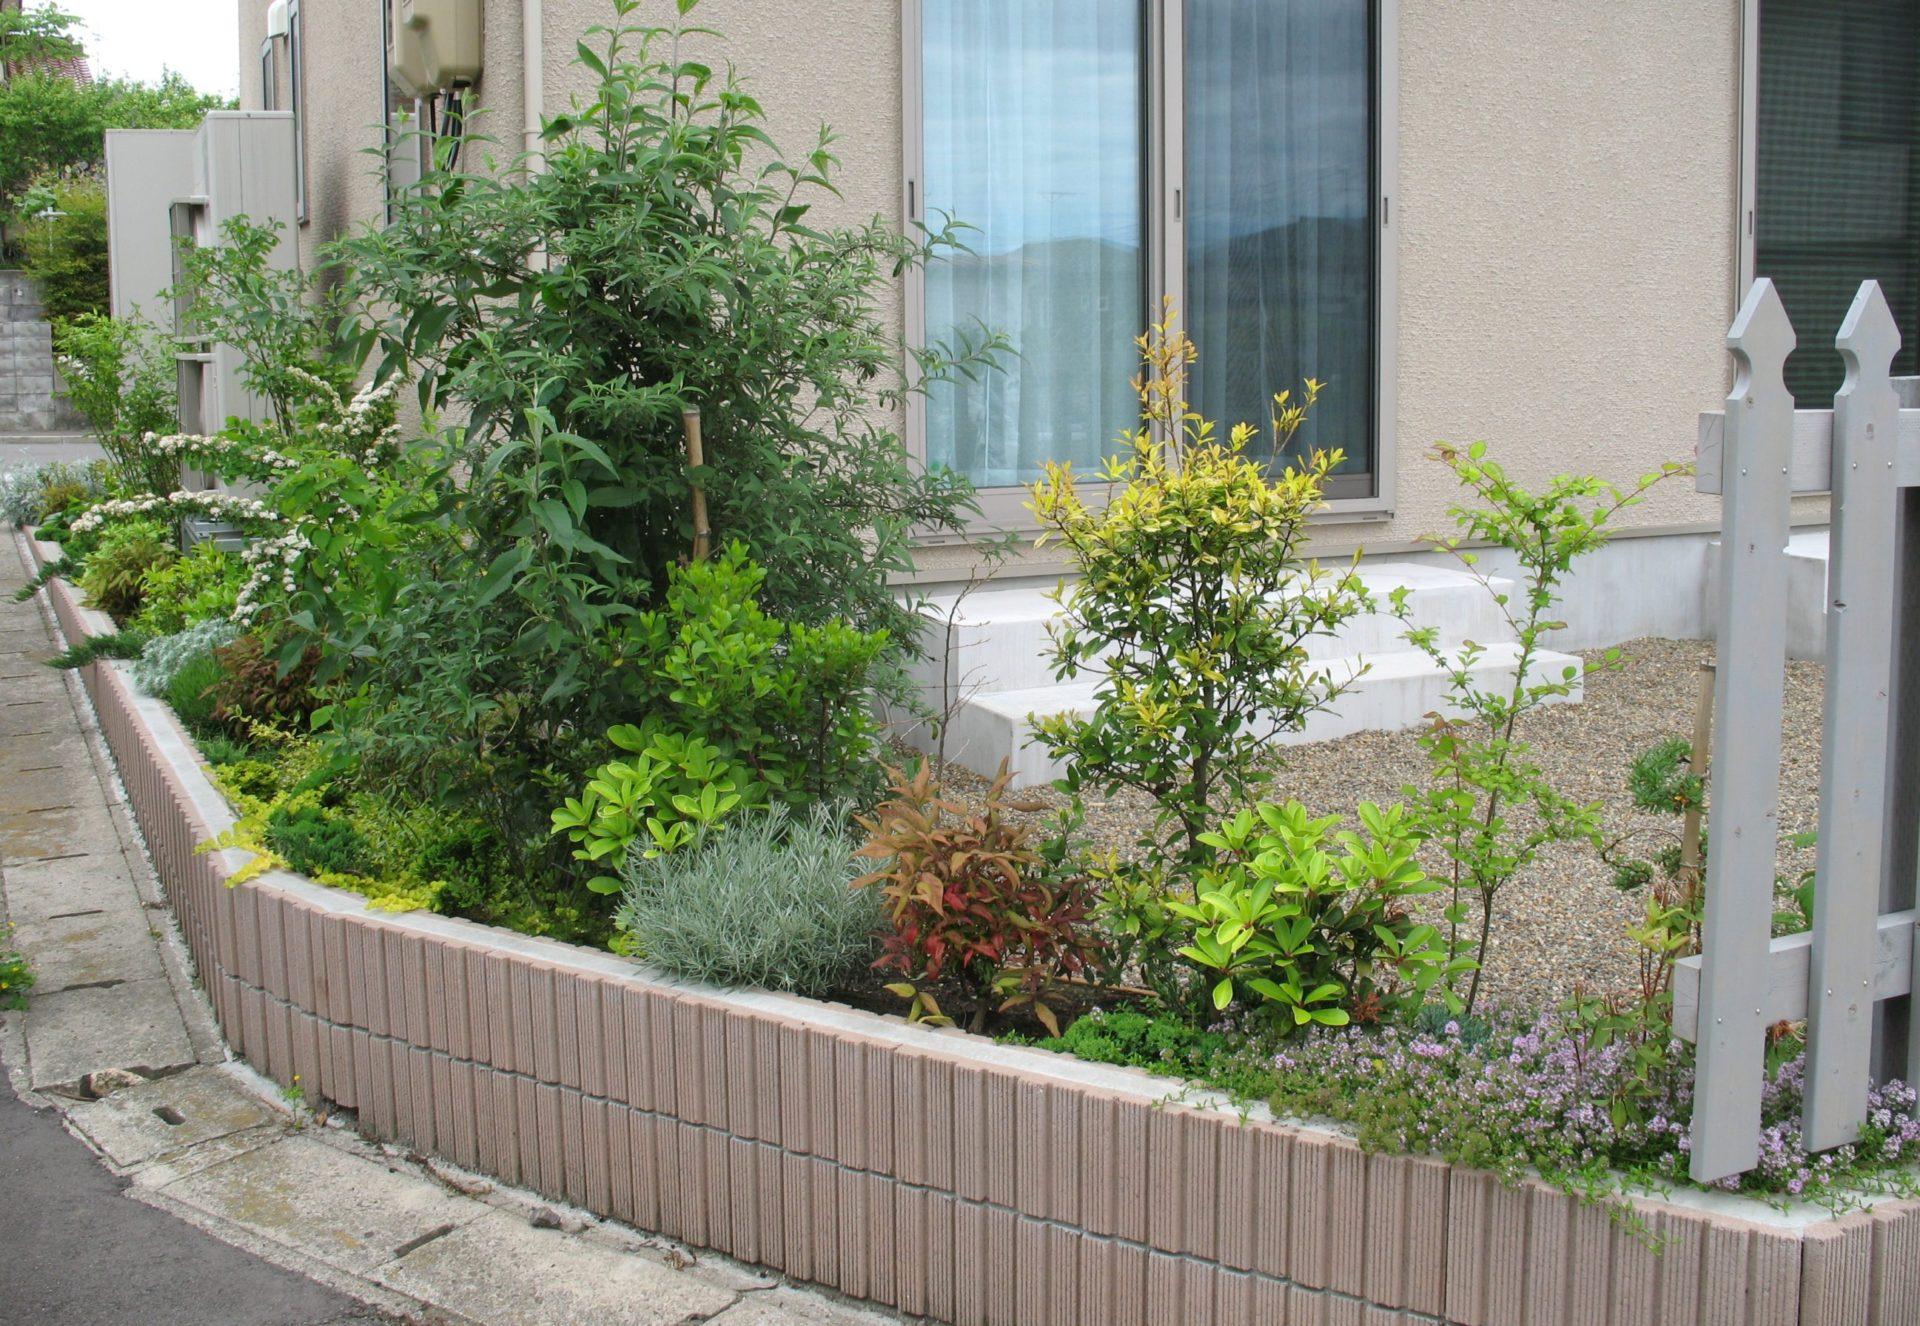 化粧ブロック囲い・フェンスは無しで、植栽をたっぷりと植える